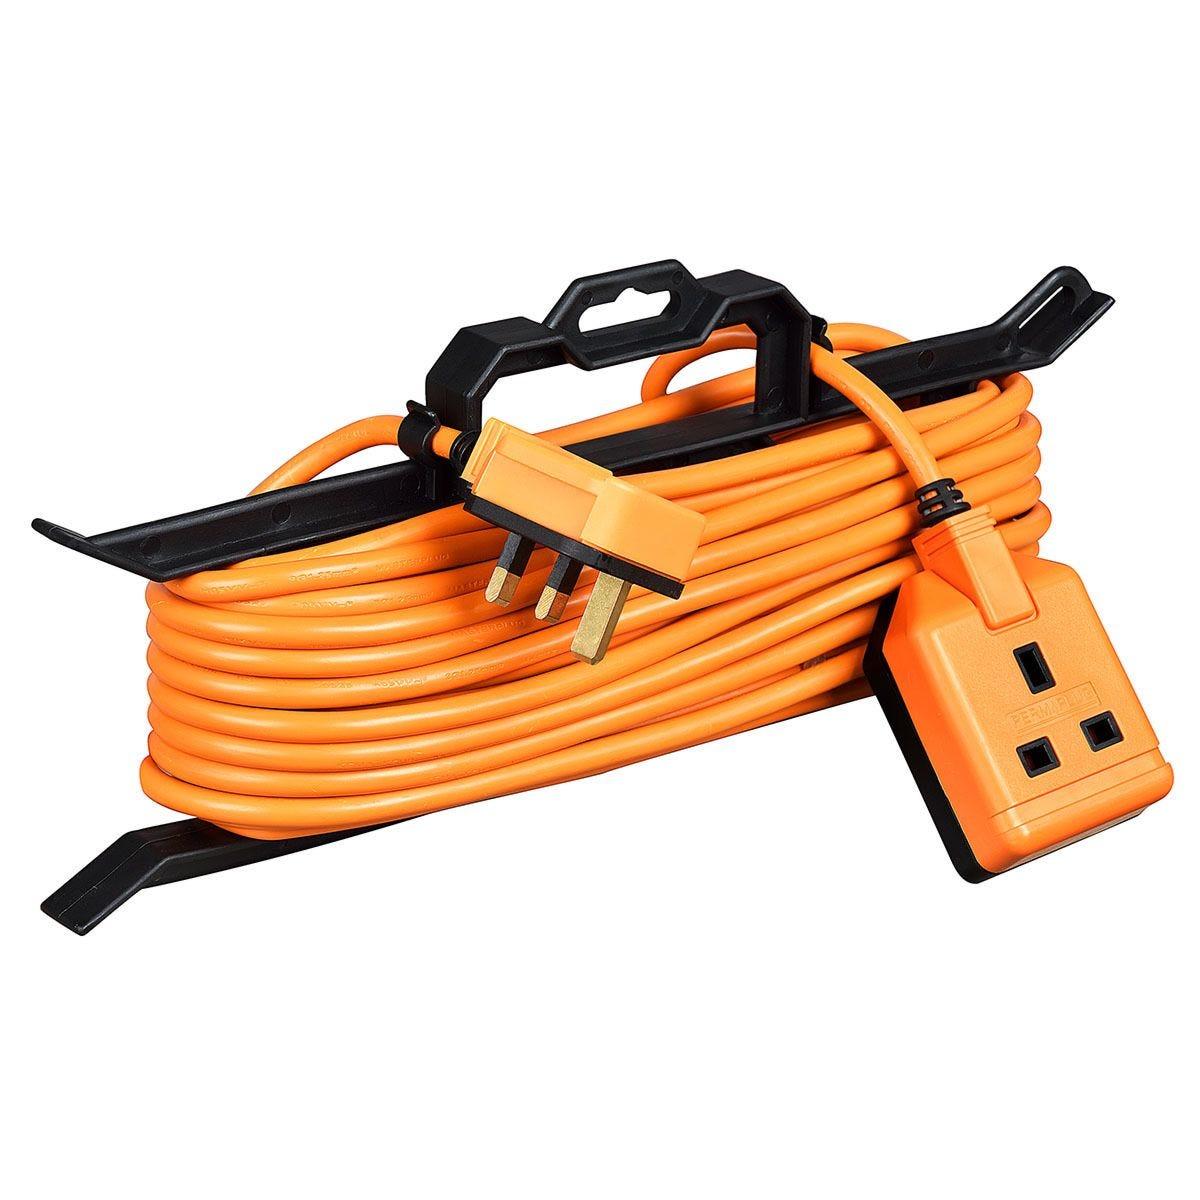 Masterplug 1 Socket 15m Extension Lead + Cable Tidy - Orange